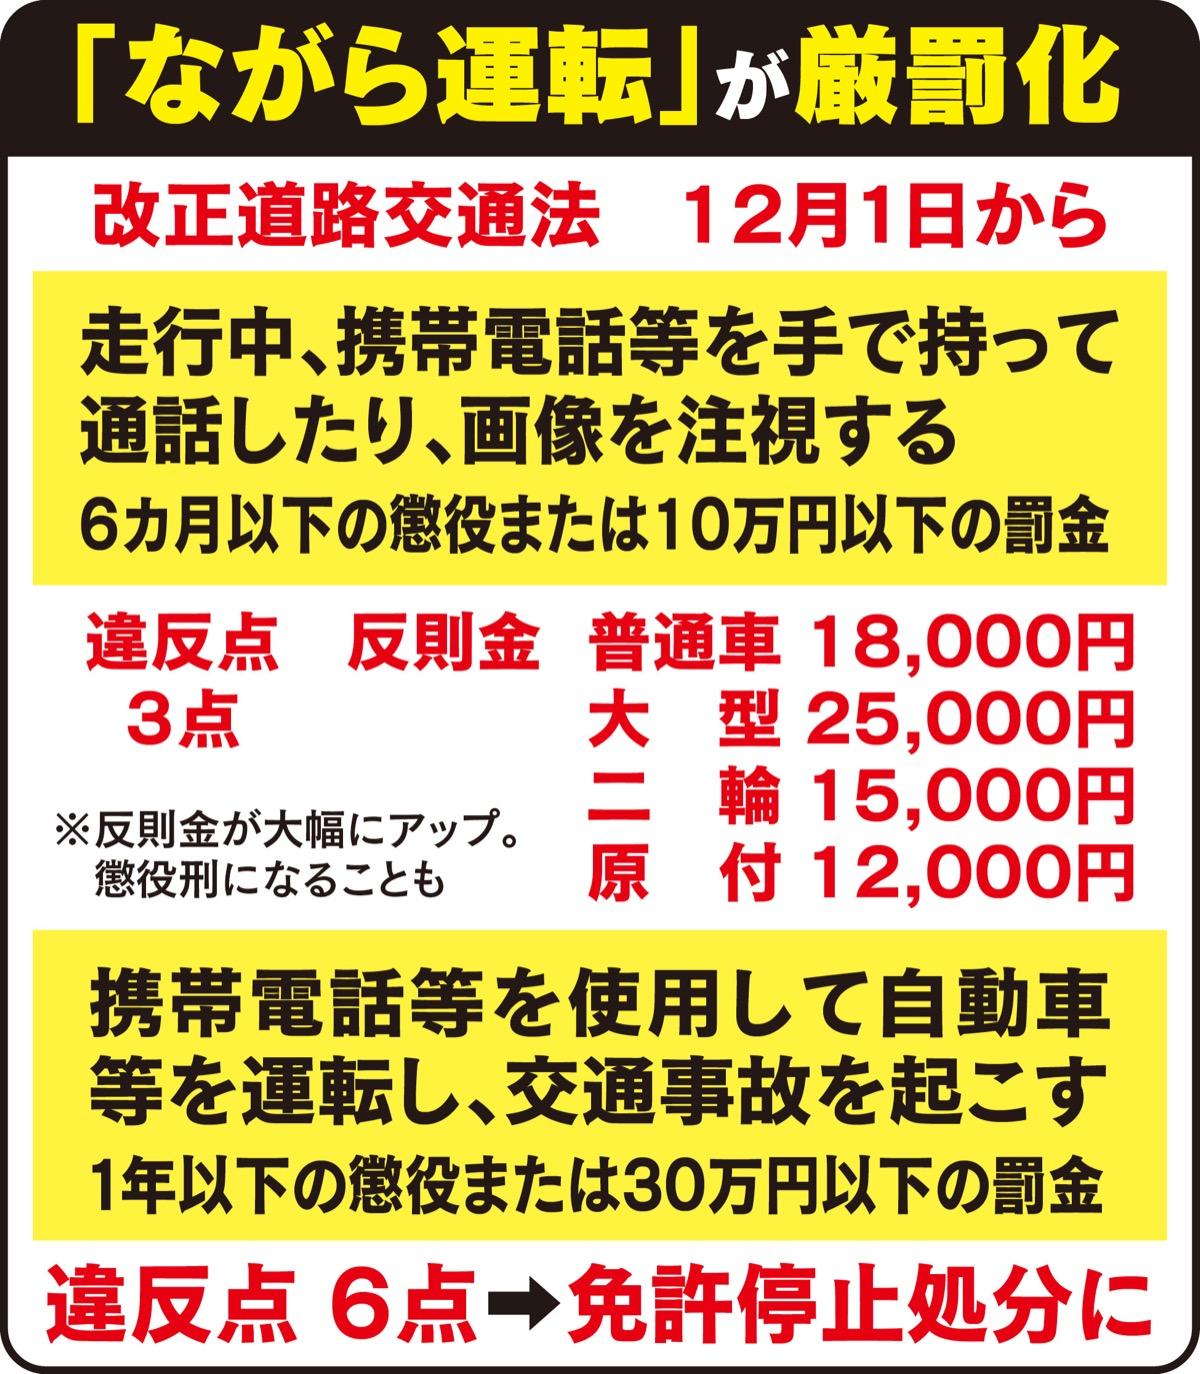 「ながら運転」厳罰化 12月から道交法改正